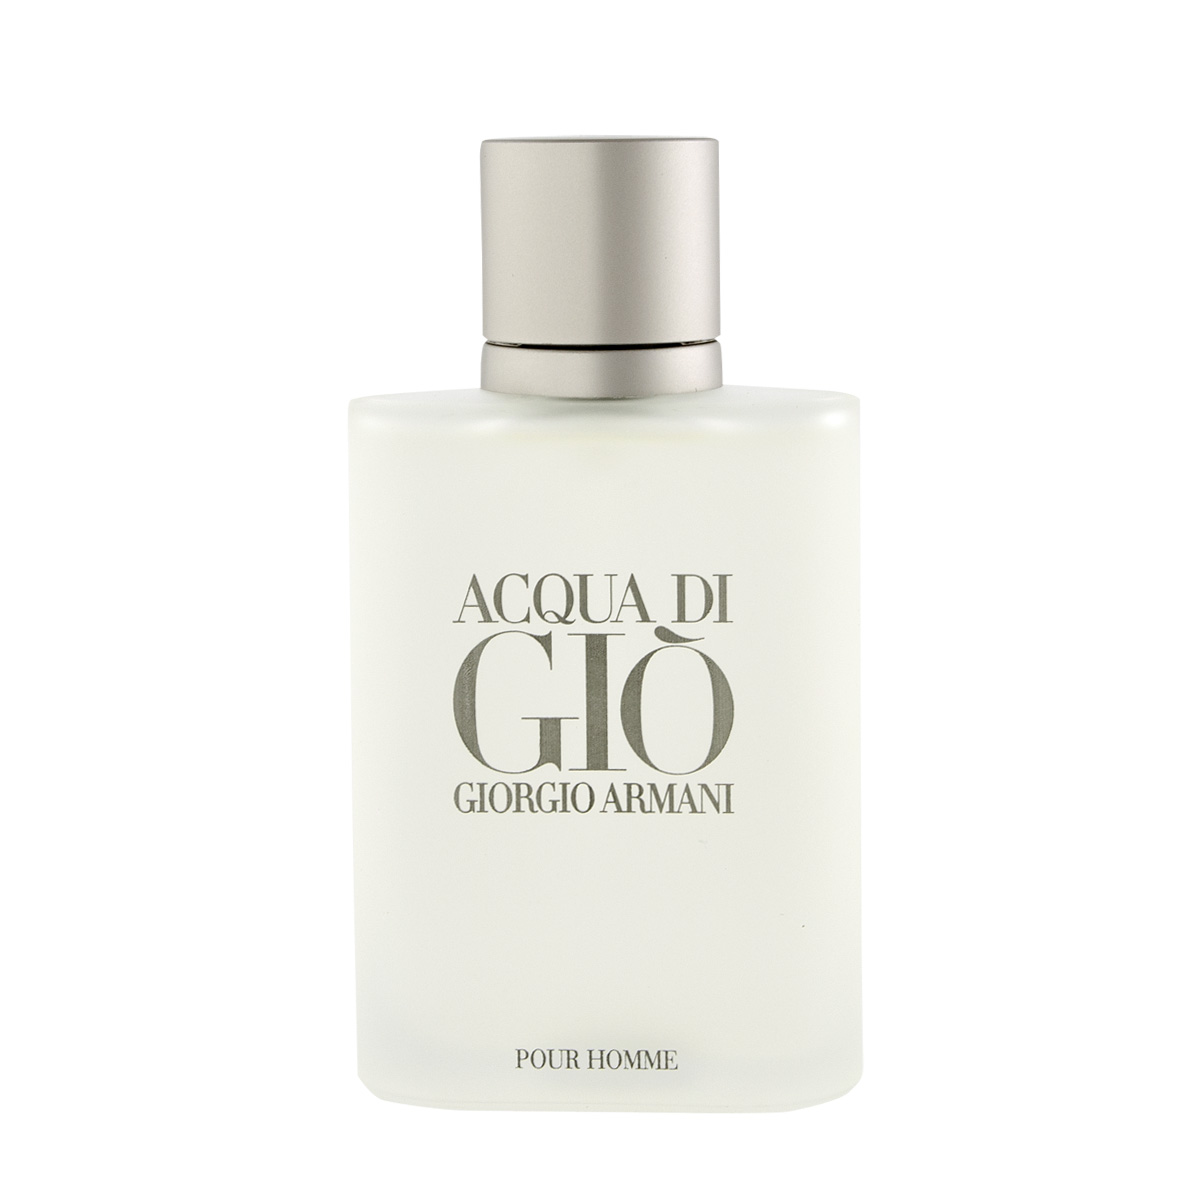 Armani Giorgio Acqua di Gio Pour Homme EDT tester 100 ml M